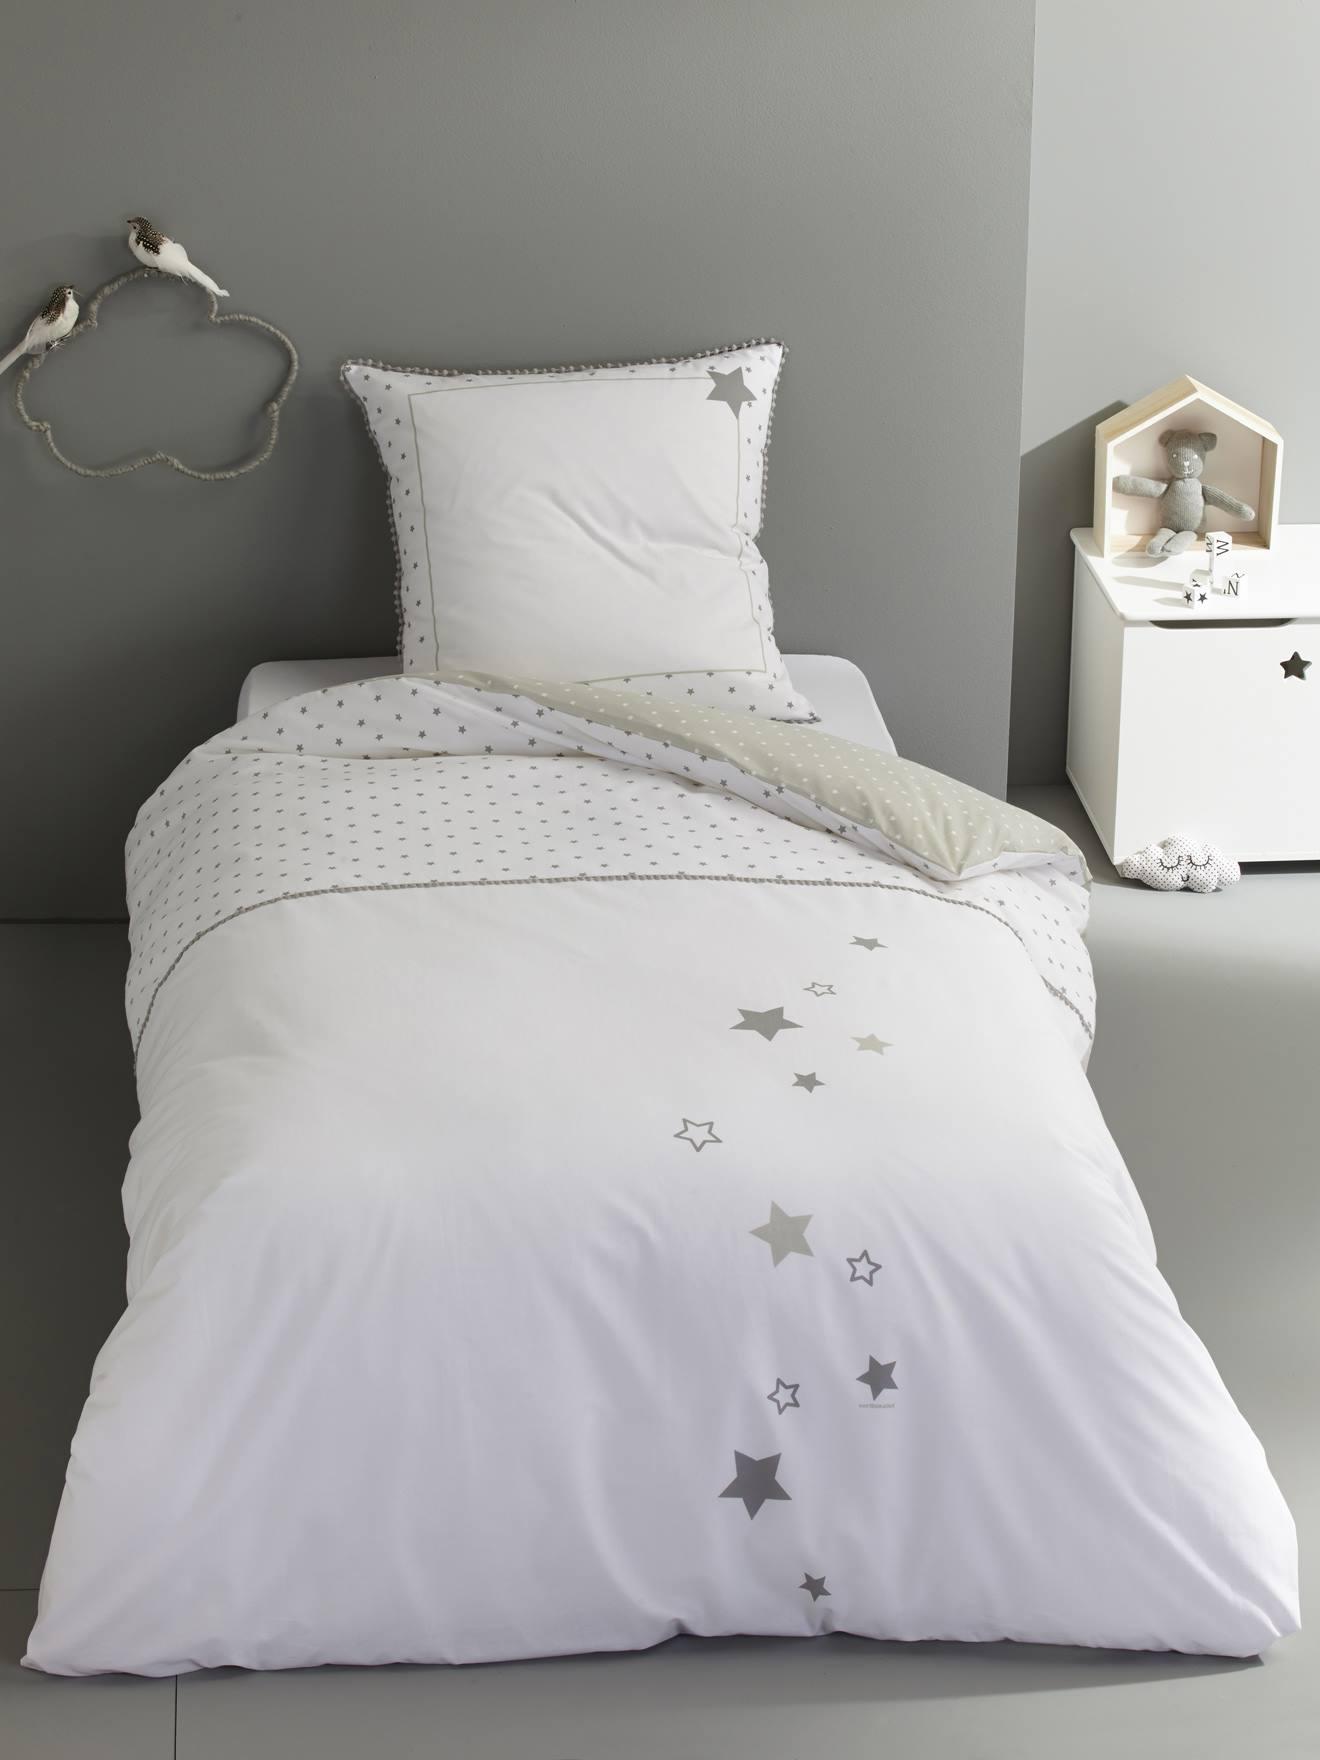 housse de couette etoile hoze home. Black Bedroom Furniture Sets. Home Design Ideas